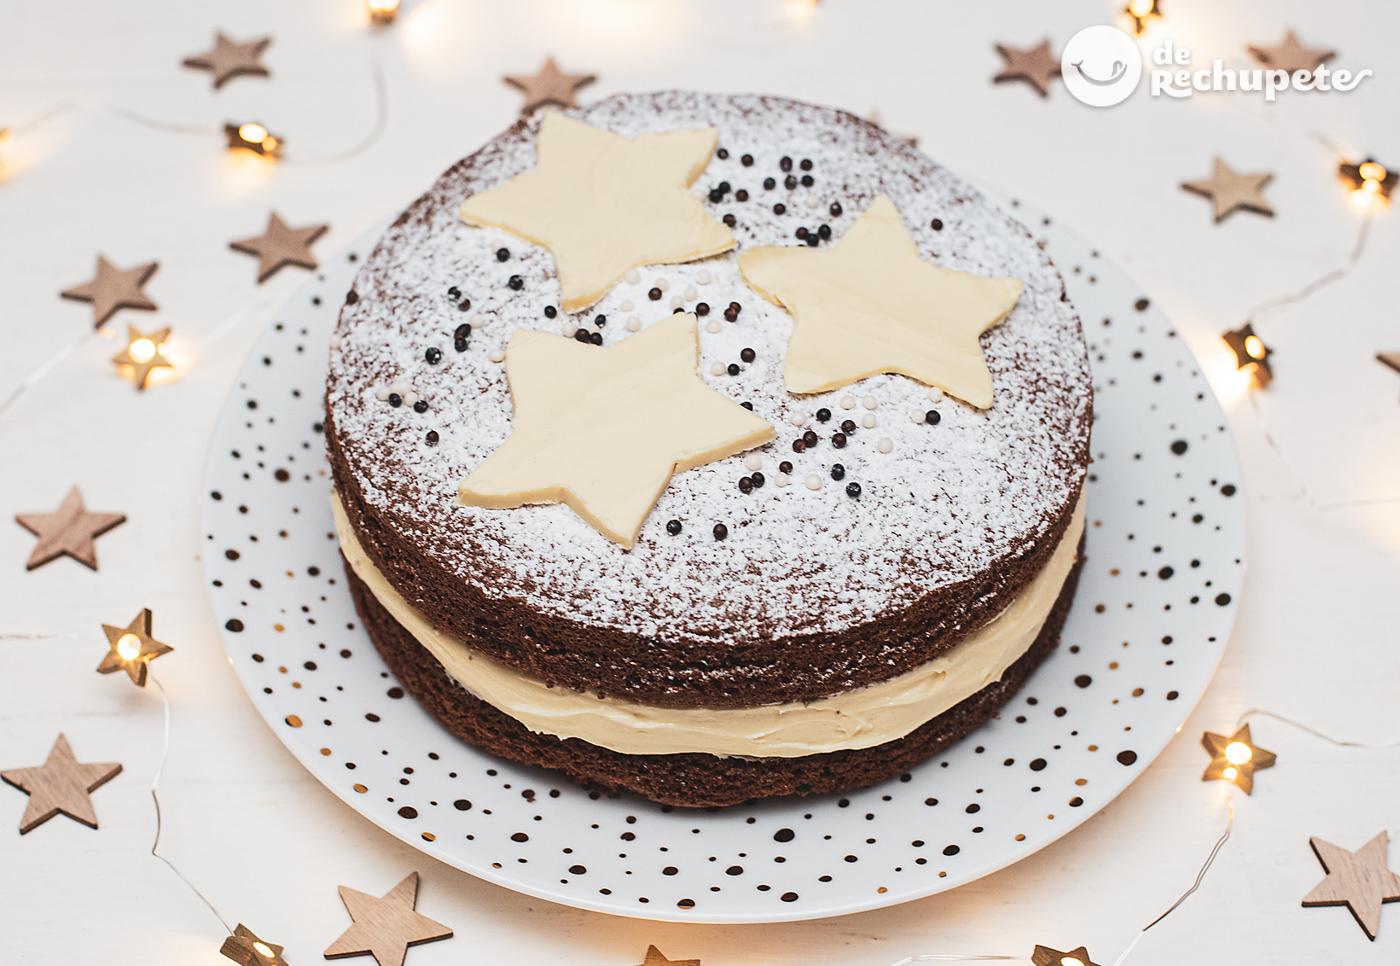 Pastel De Navidad Una Tarta Navideña Para Triunfar En Casa Recetas De Rechupete Recetas De Cocina Caseras Y Fáciles